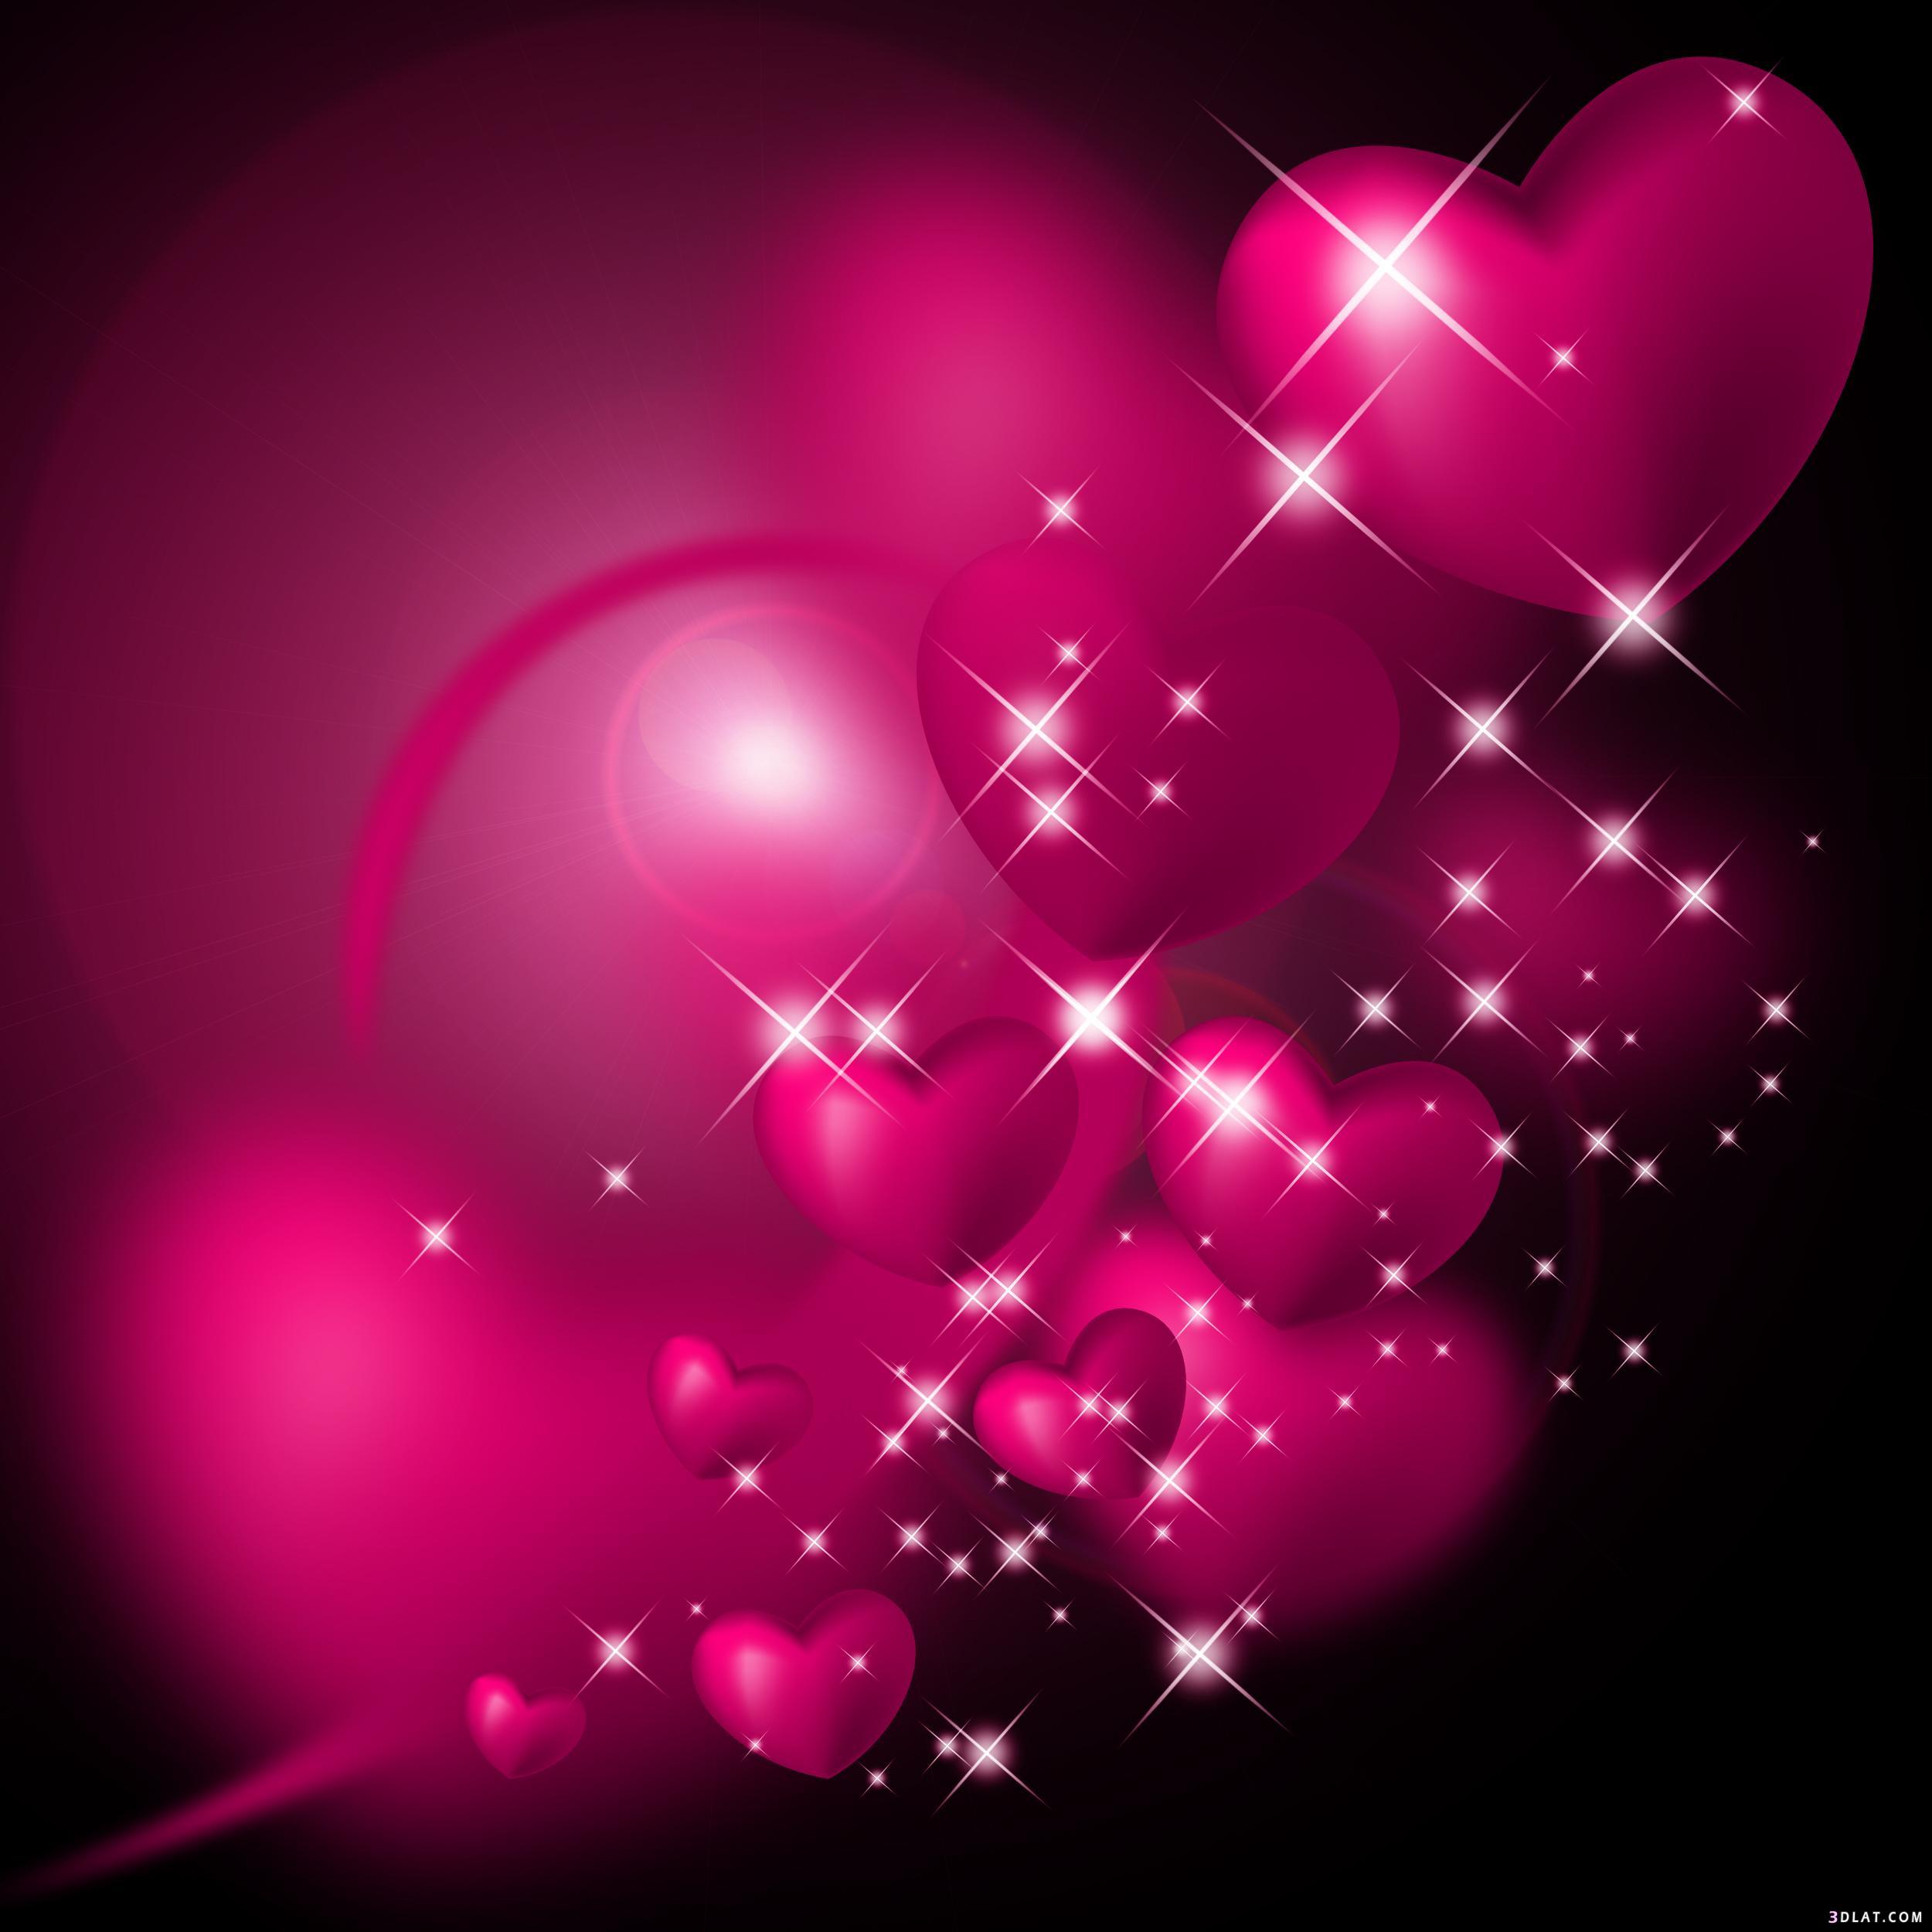 بالصور خلفيات رومانسية , الحب في خلفيه هاتفك 1350 5